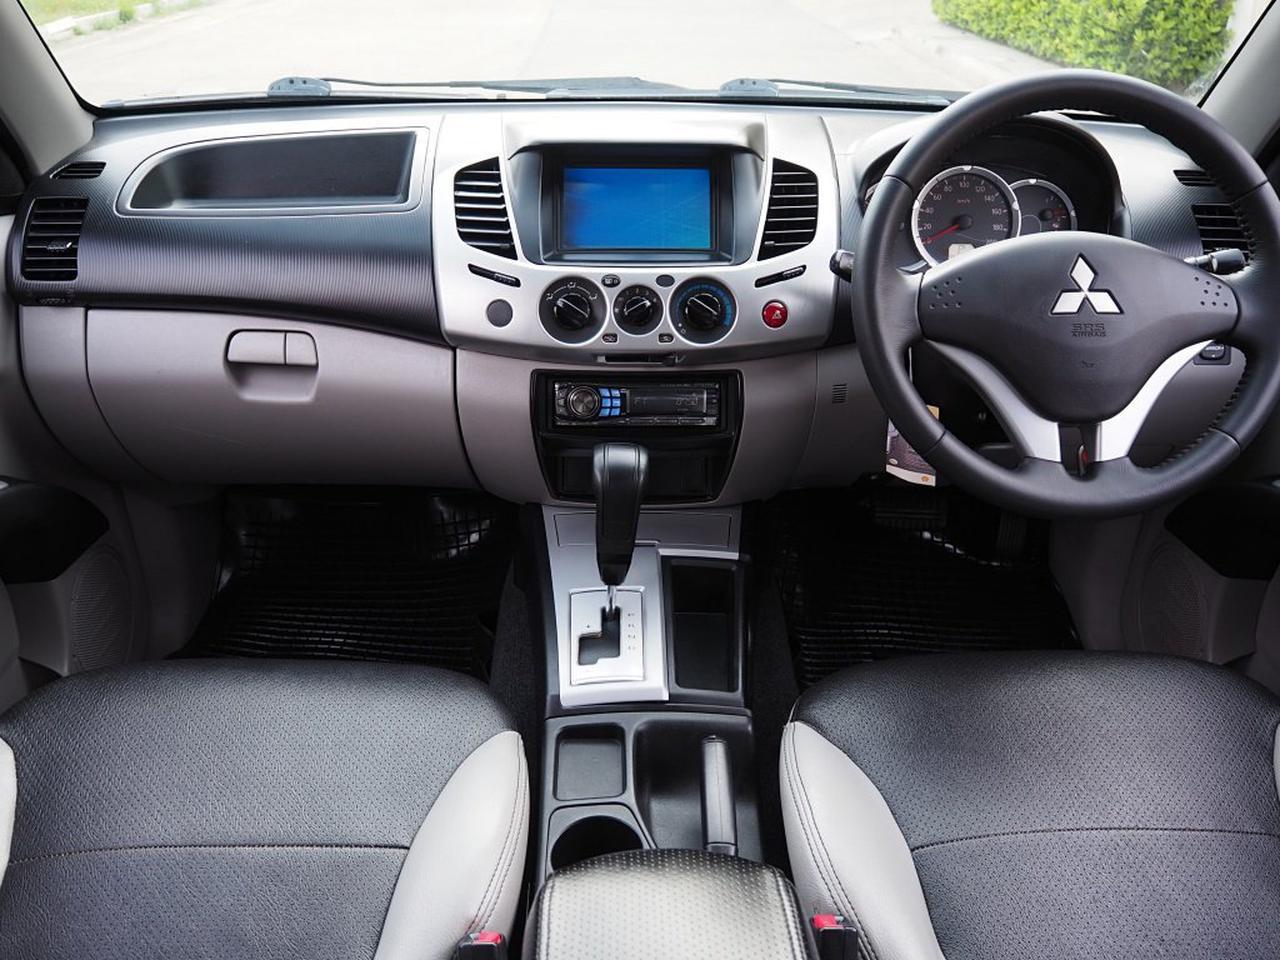 MITSUBISHI TRITON CAB 2.5 GLS PLUS VG Turbo ปลายปี 2012 จดปี 2013 เกียร์ออโต้ SporTronic สภาพนางฟ้า  รูปที่ 4